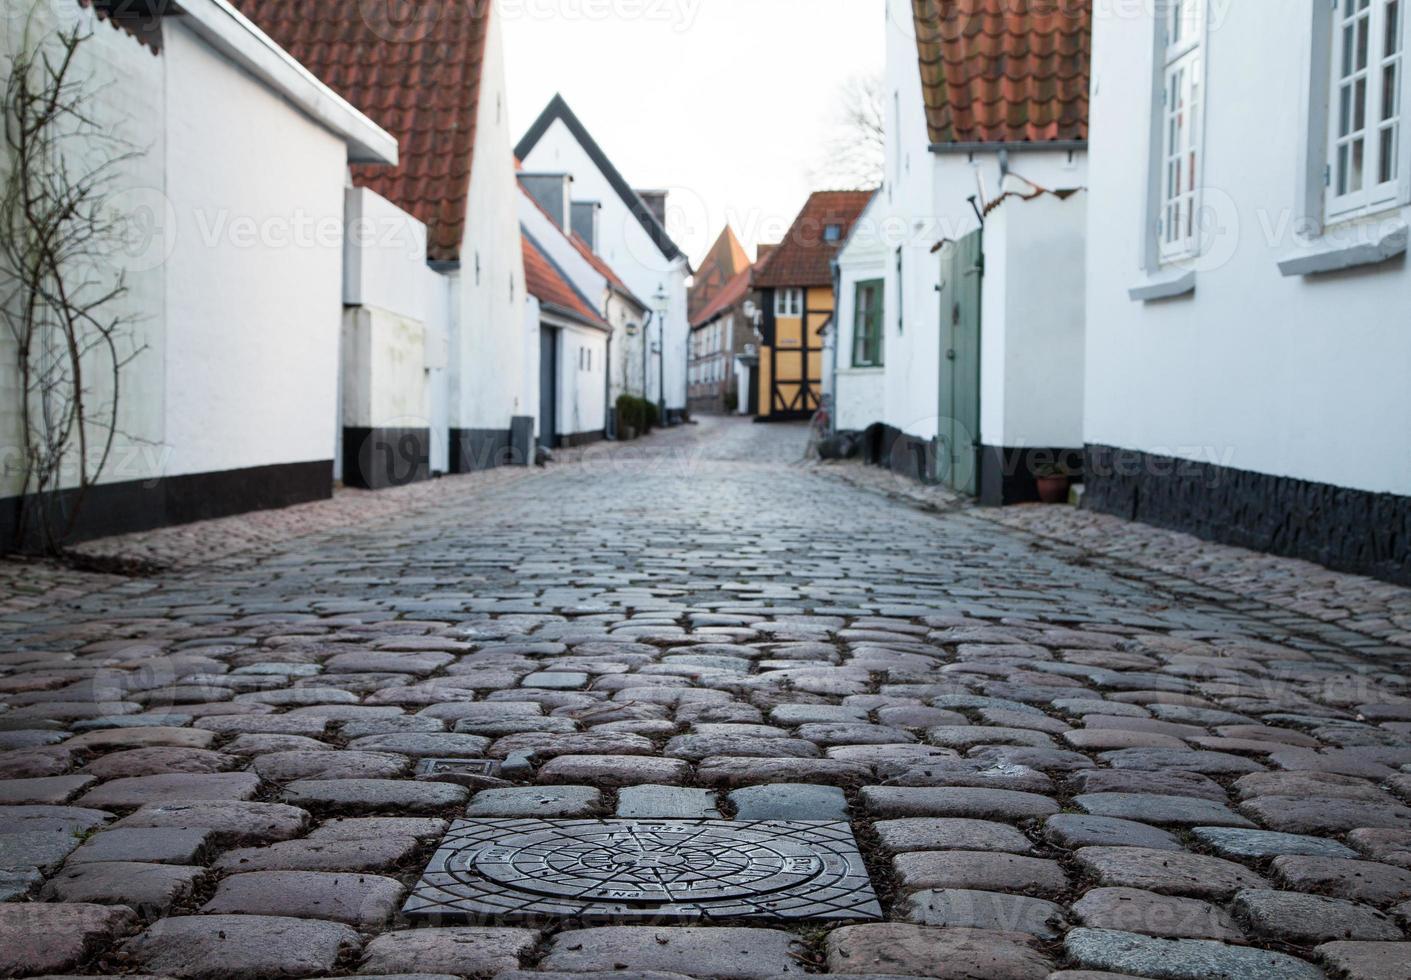 Old Street in Ribe, Denmark photo